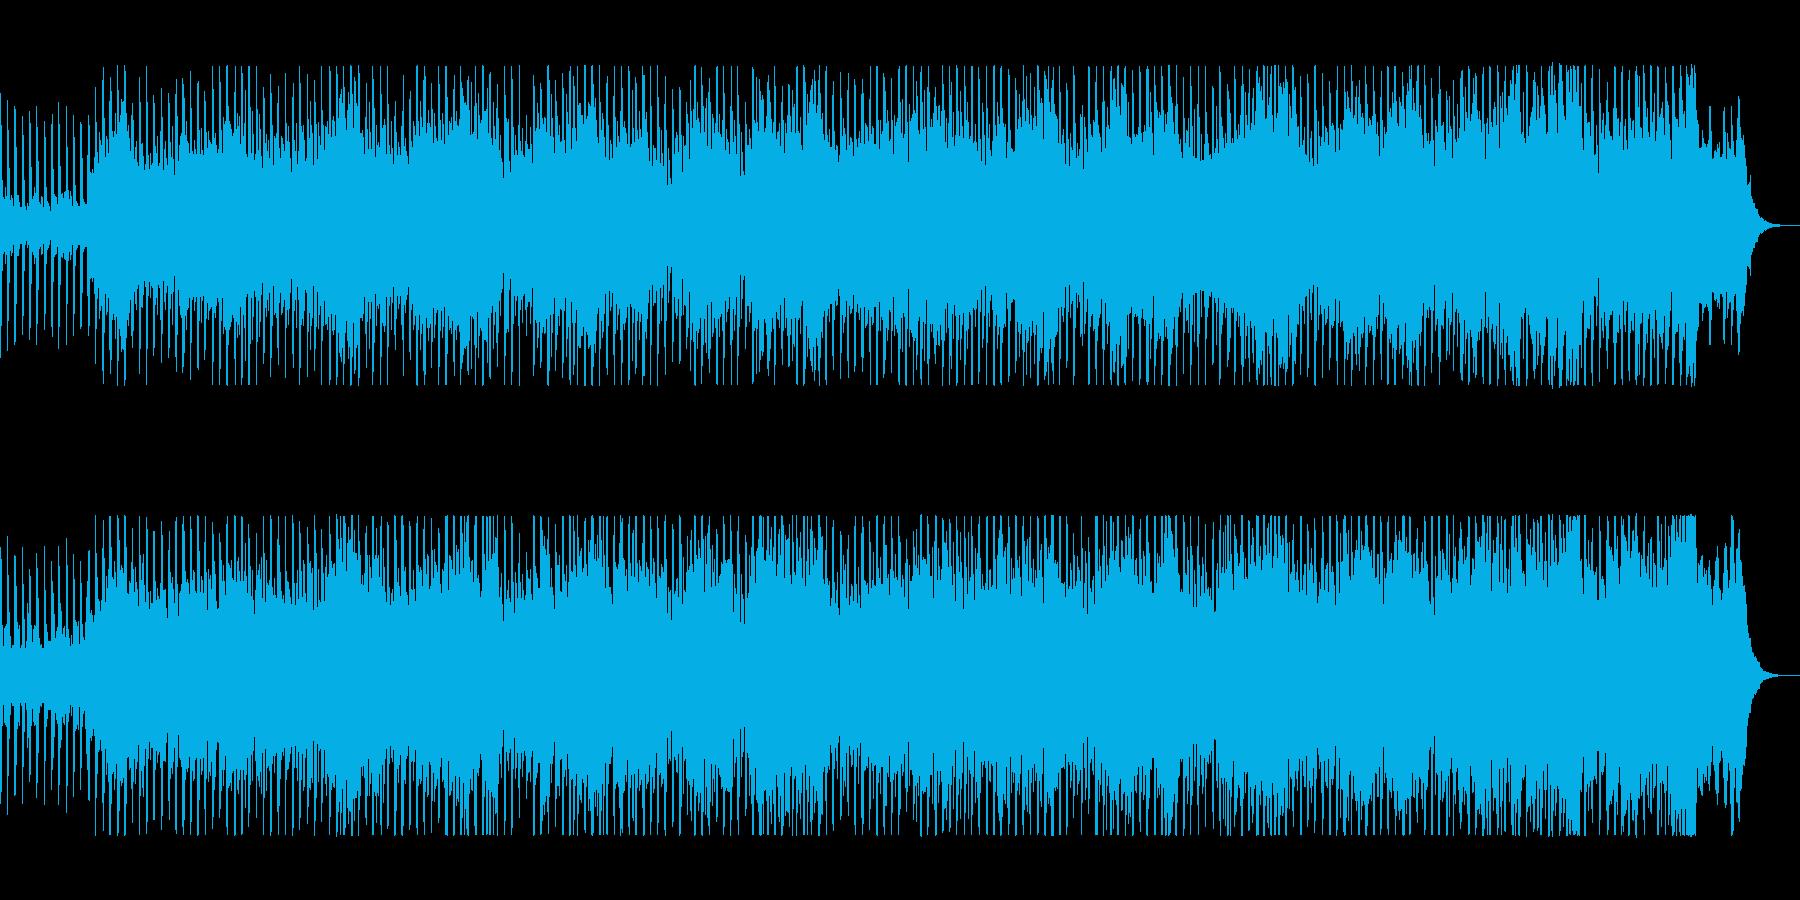 オーケストラとリズムトラック壮大ポップスの再生済みの波形